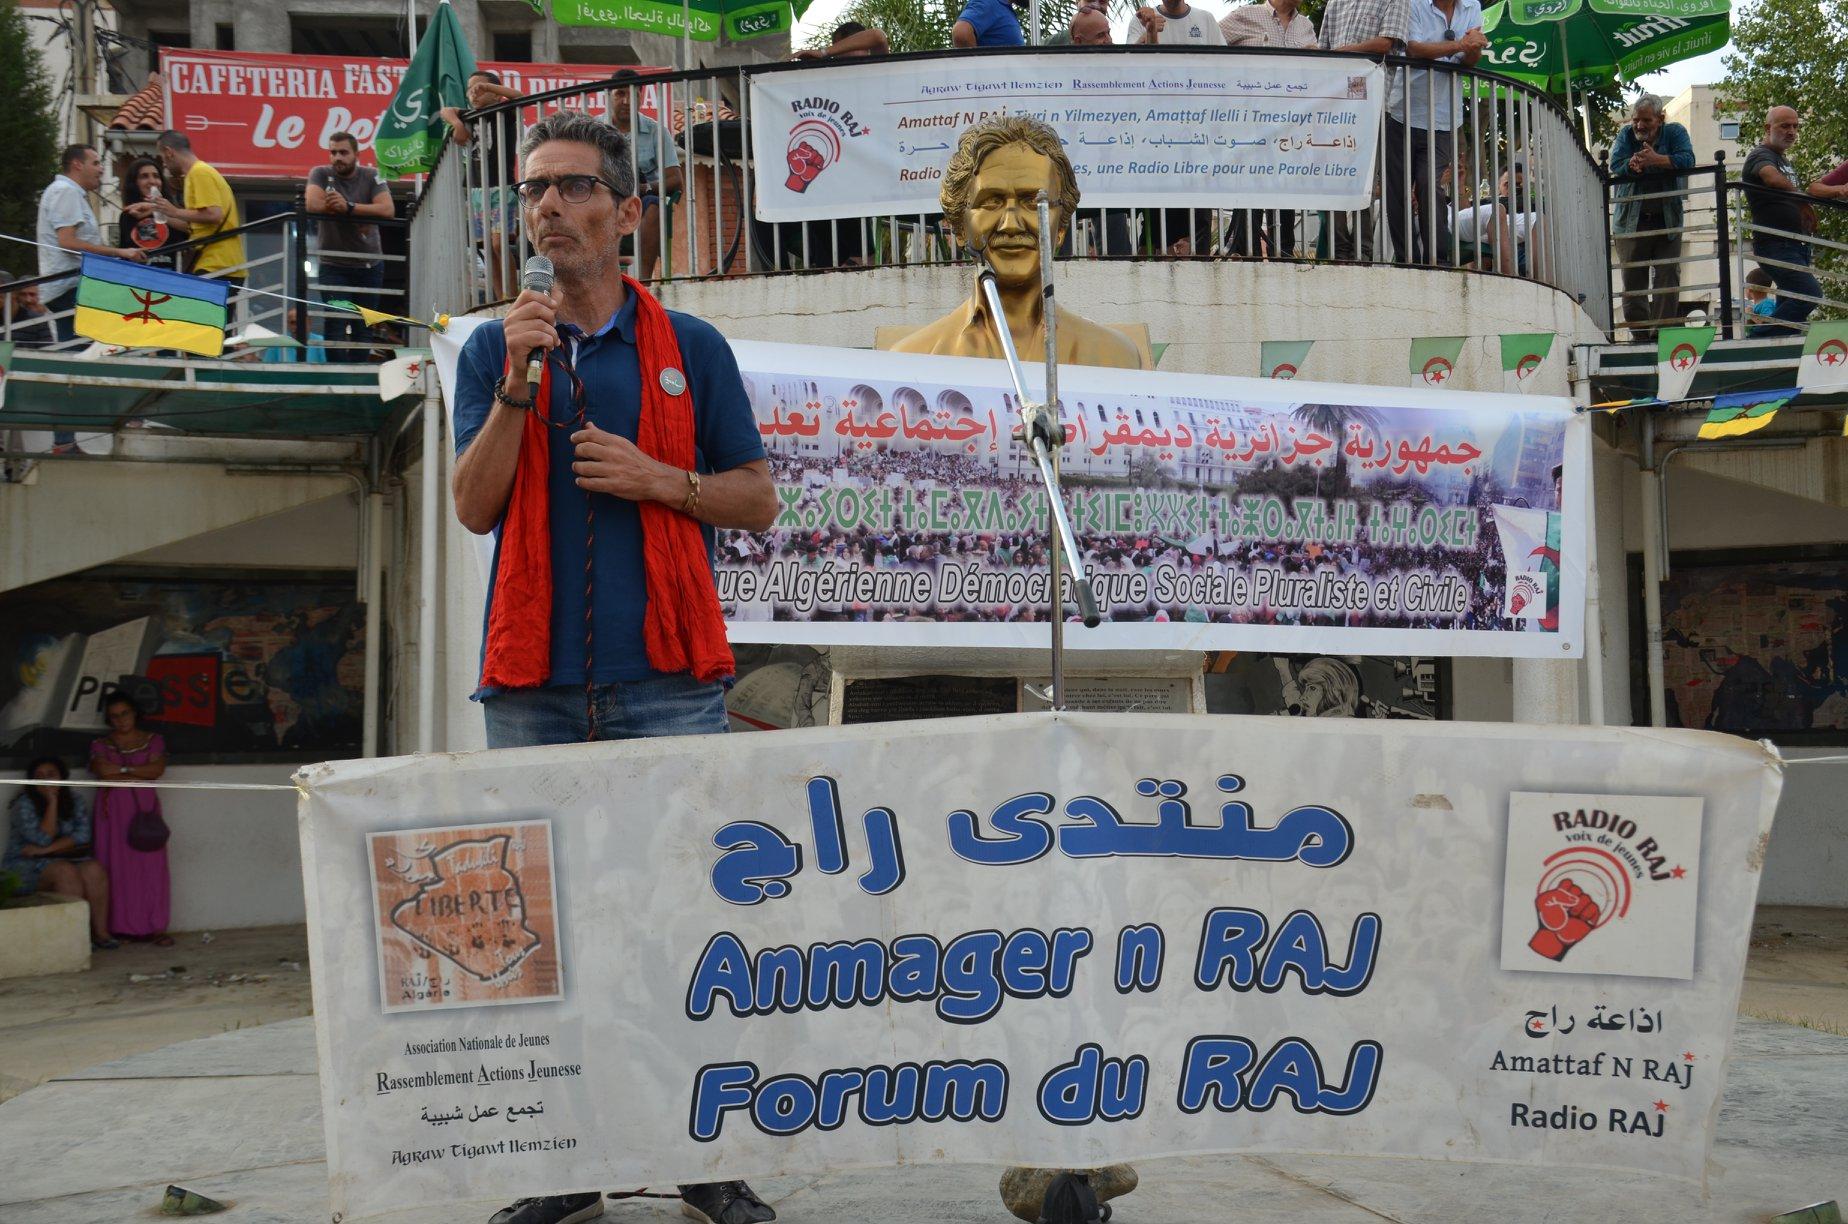 Un arrêt de justice a acté sa dissolution : le RAJ dénonce une décision «injuste» et «aberrante»